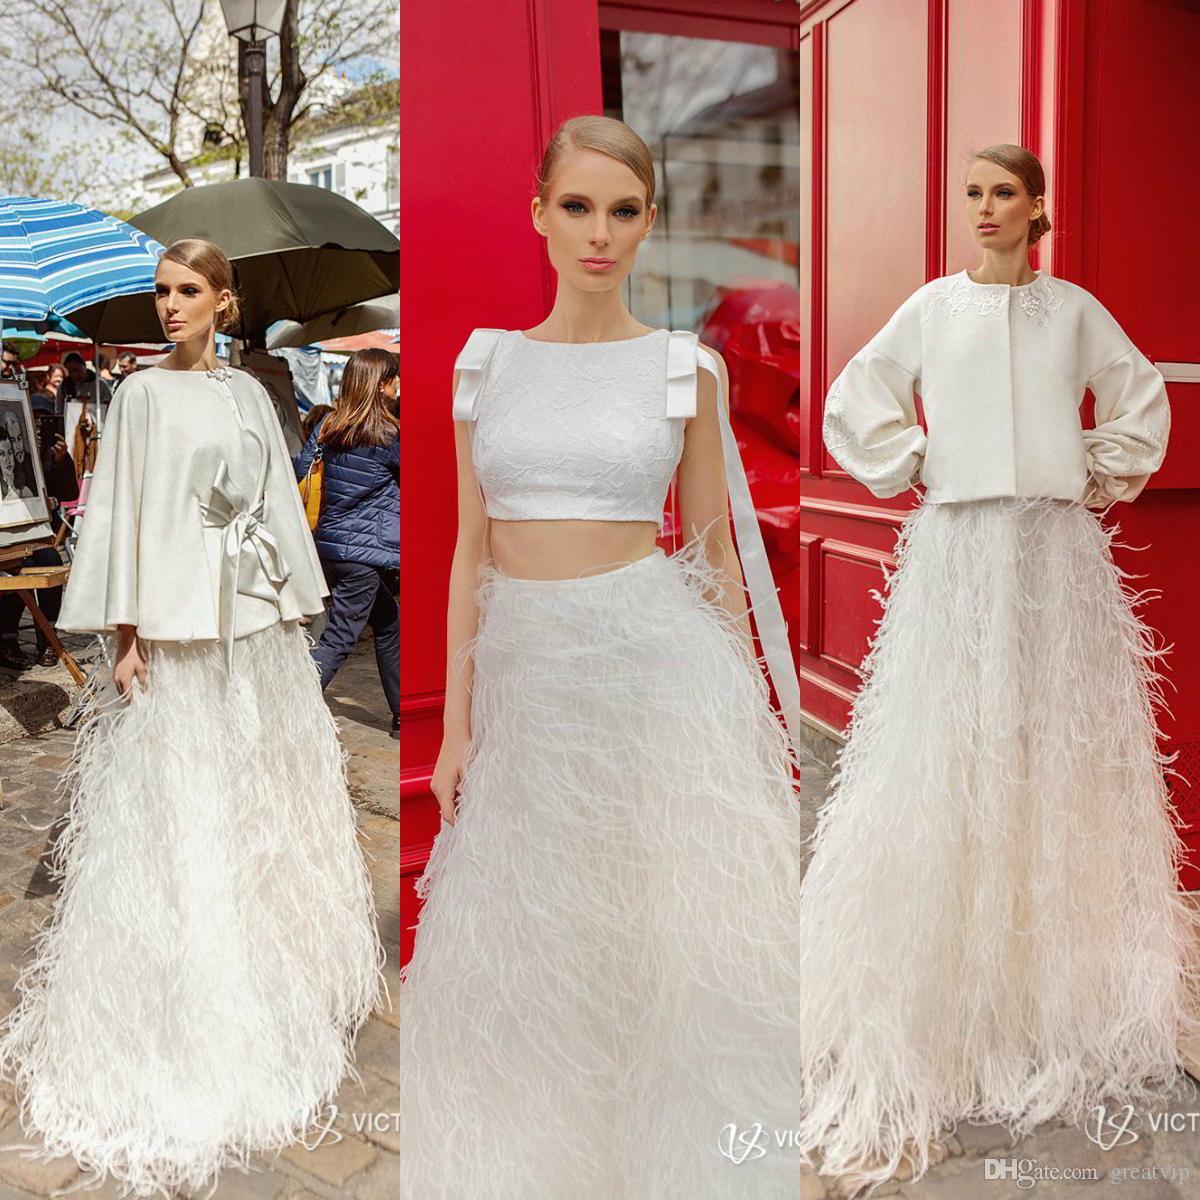 6644cd5a6 Compre Victoria Soprano Vestidos De Novia Una Línea Faldas Faldas Medio  Deslizamiento Peludas Semi Faldas Vestidos De Novia Exclusivos Tallas  Grandes Por ...